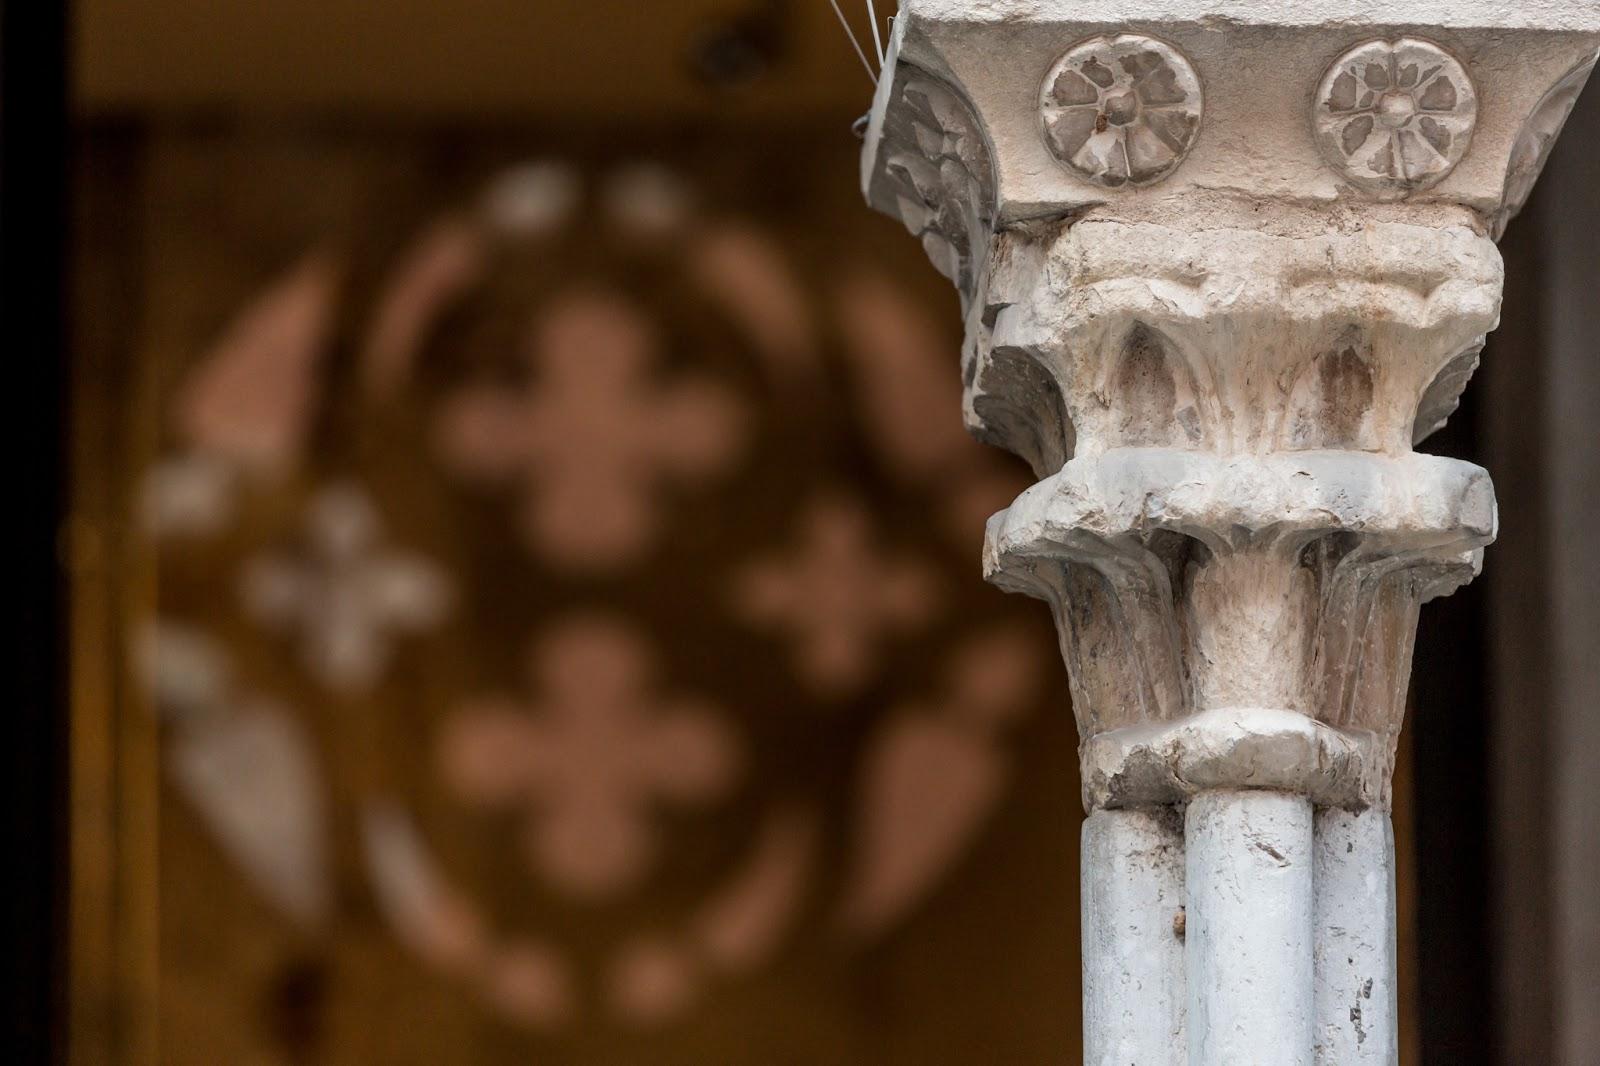 Sant Agustí :: Canon EOS 5D MkIII | ISO1600 | Canon 70-200 @200mm | f/4.0 | 1/125s